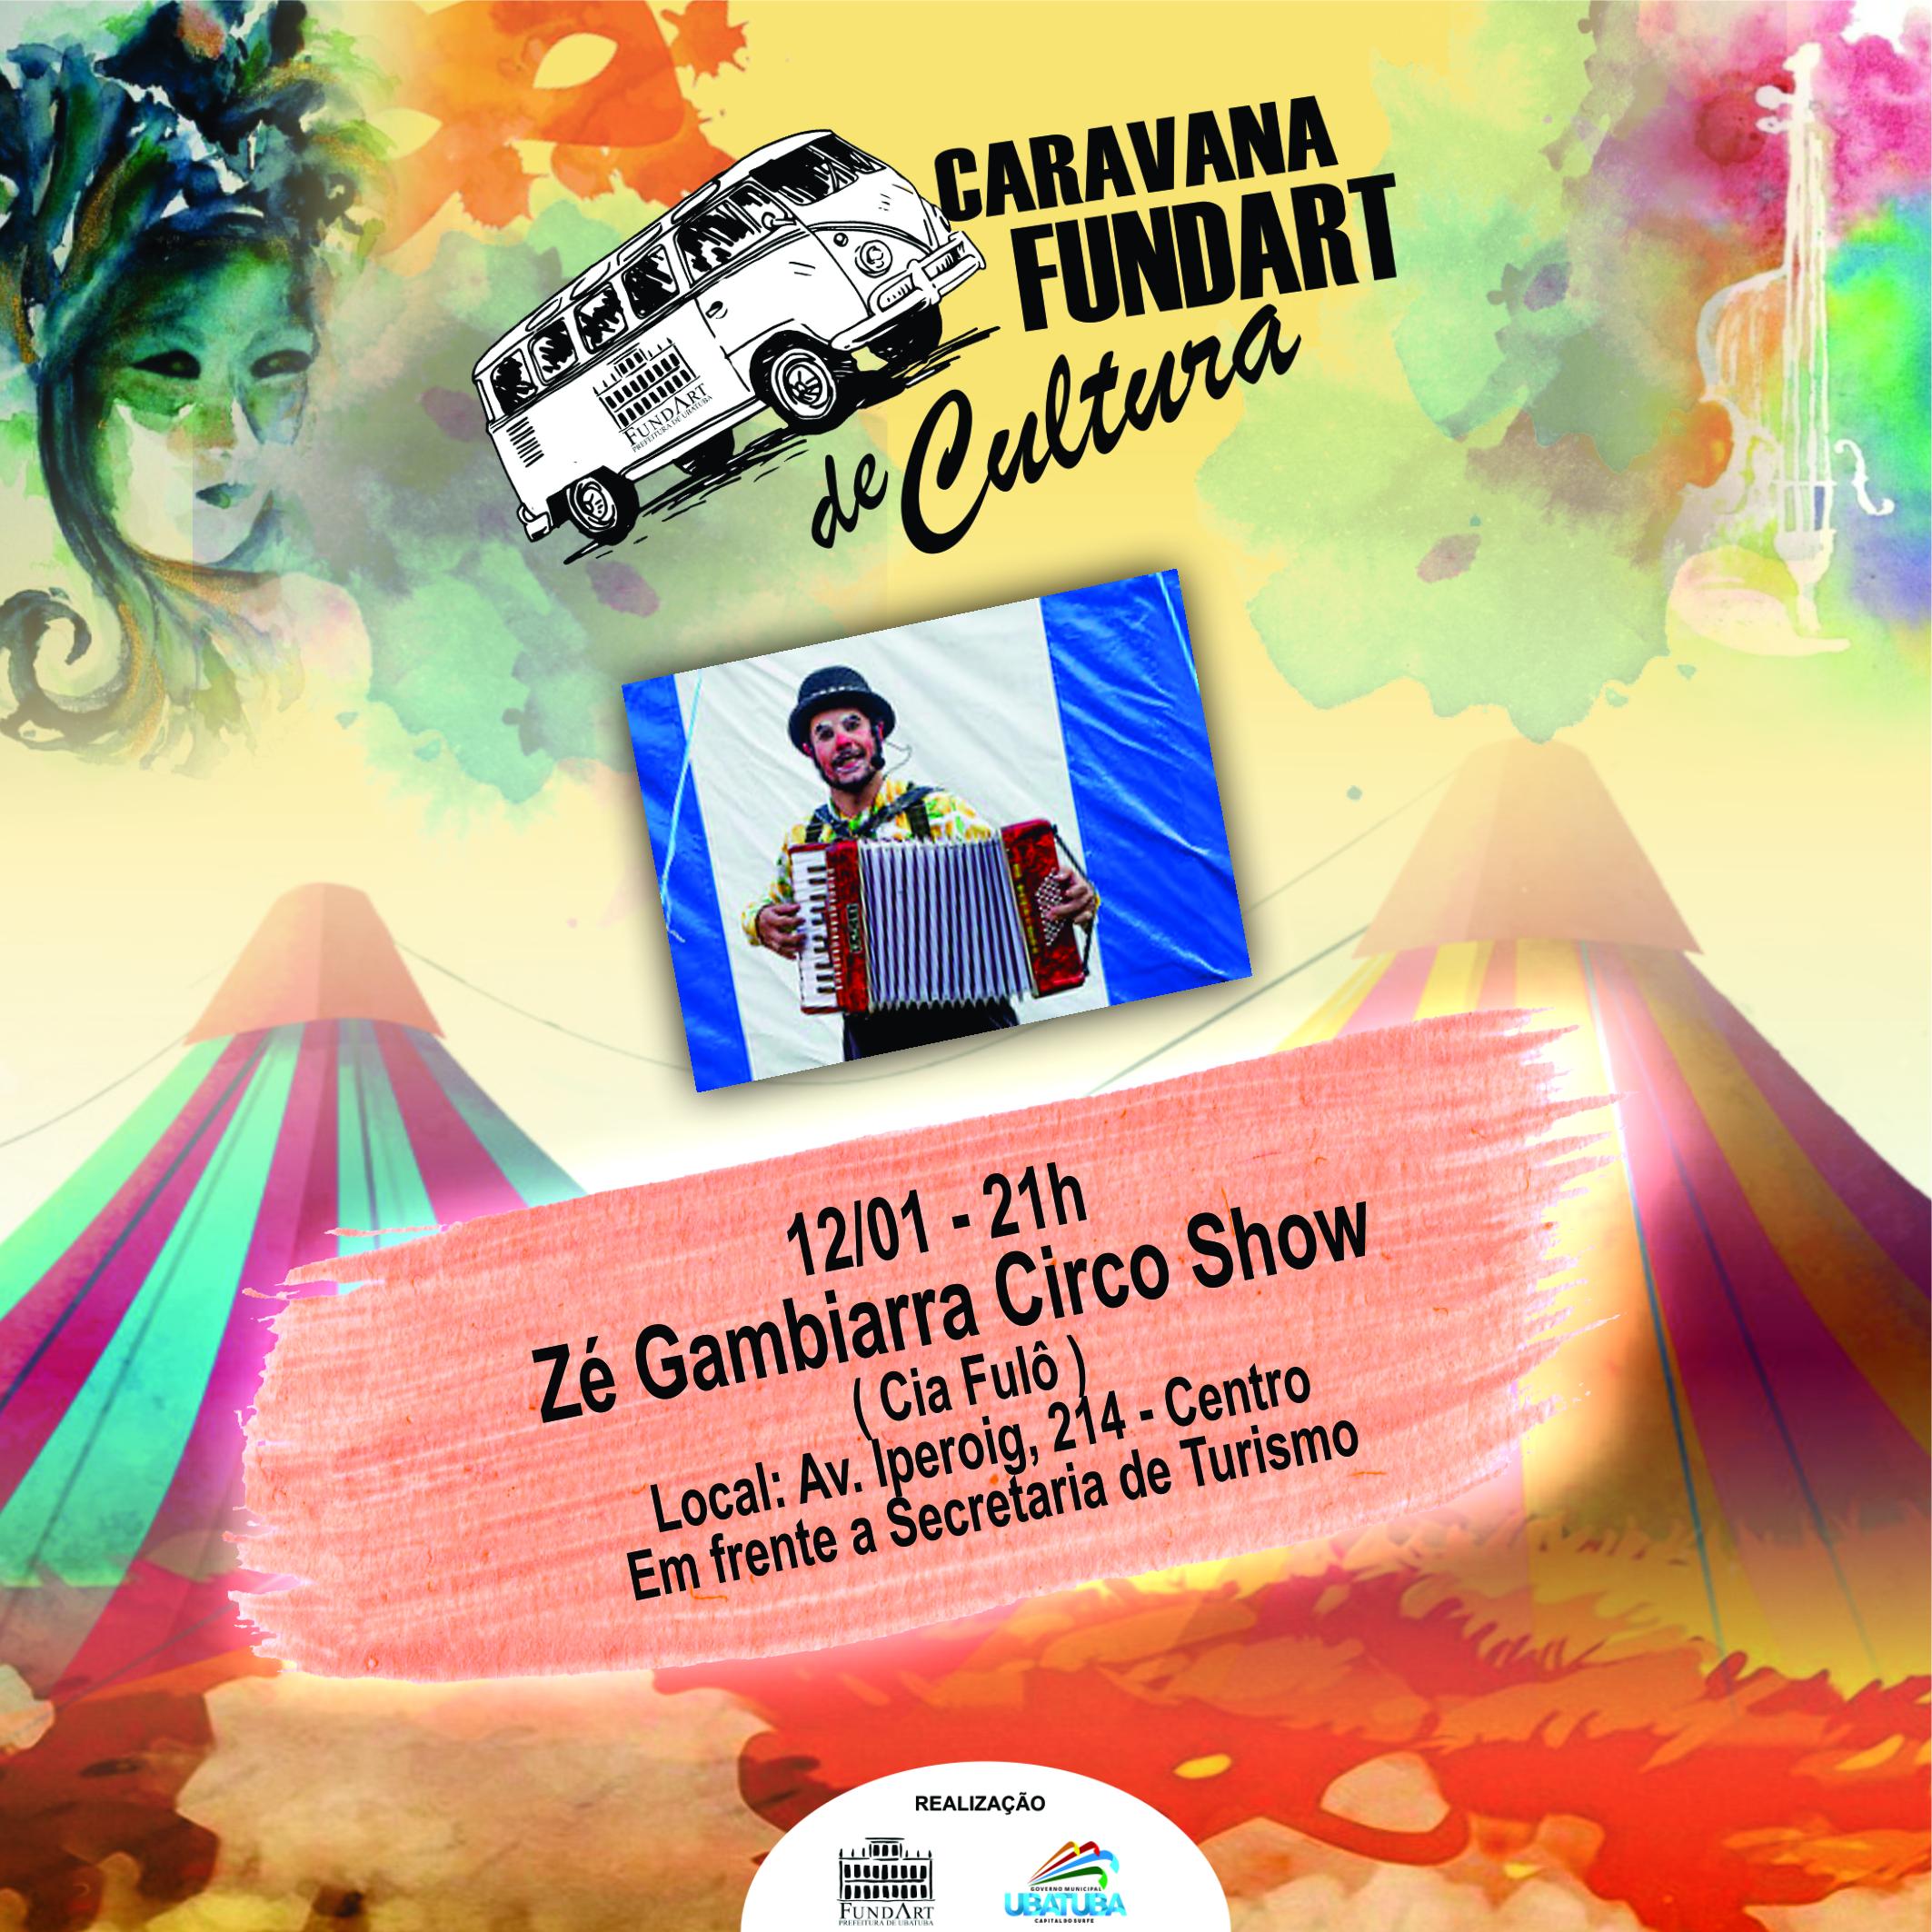 CARAVANA 12 DE JANEIRO